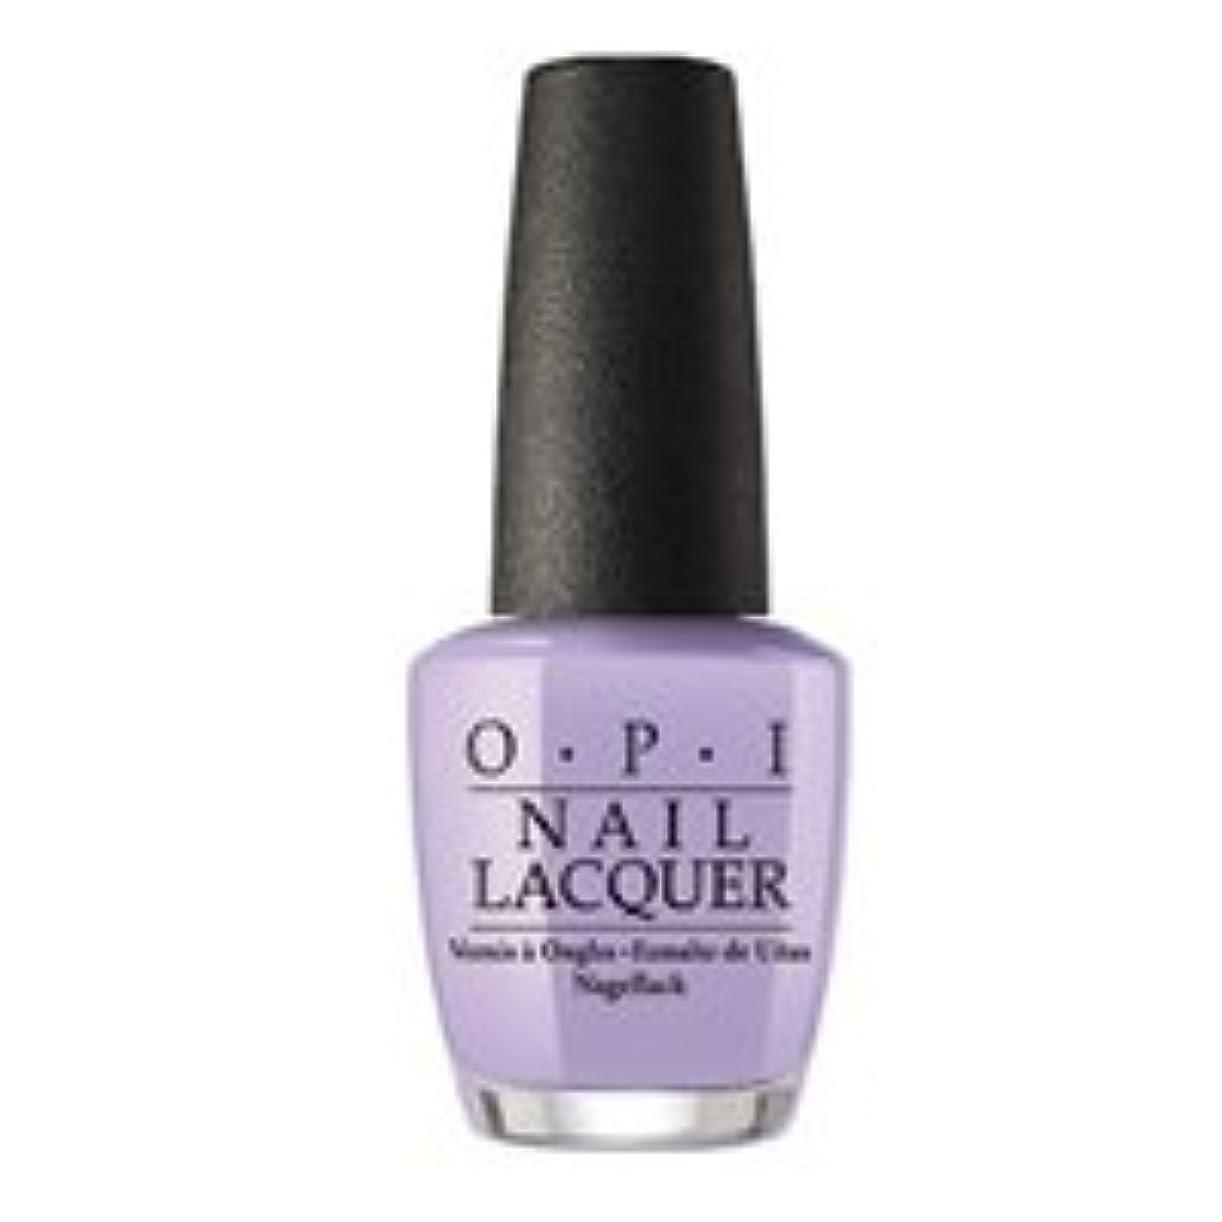 シャッフル時間厳守人形O.P.I NL F83 Polly Want a Lacquer?(ポリーワットアラッカー?) #NL F83 Polly Want a Lacquer?